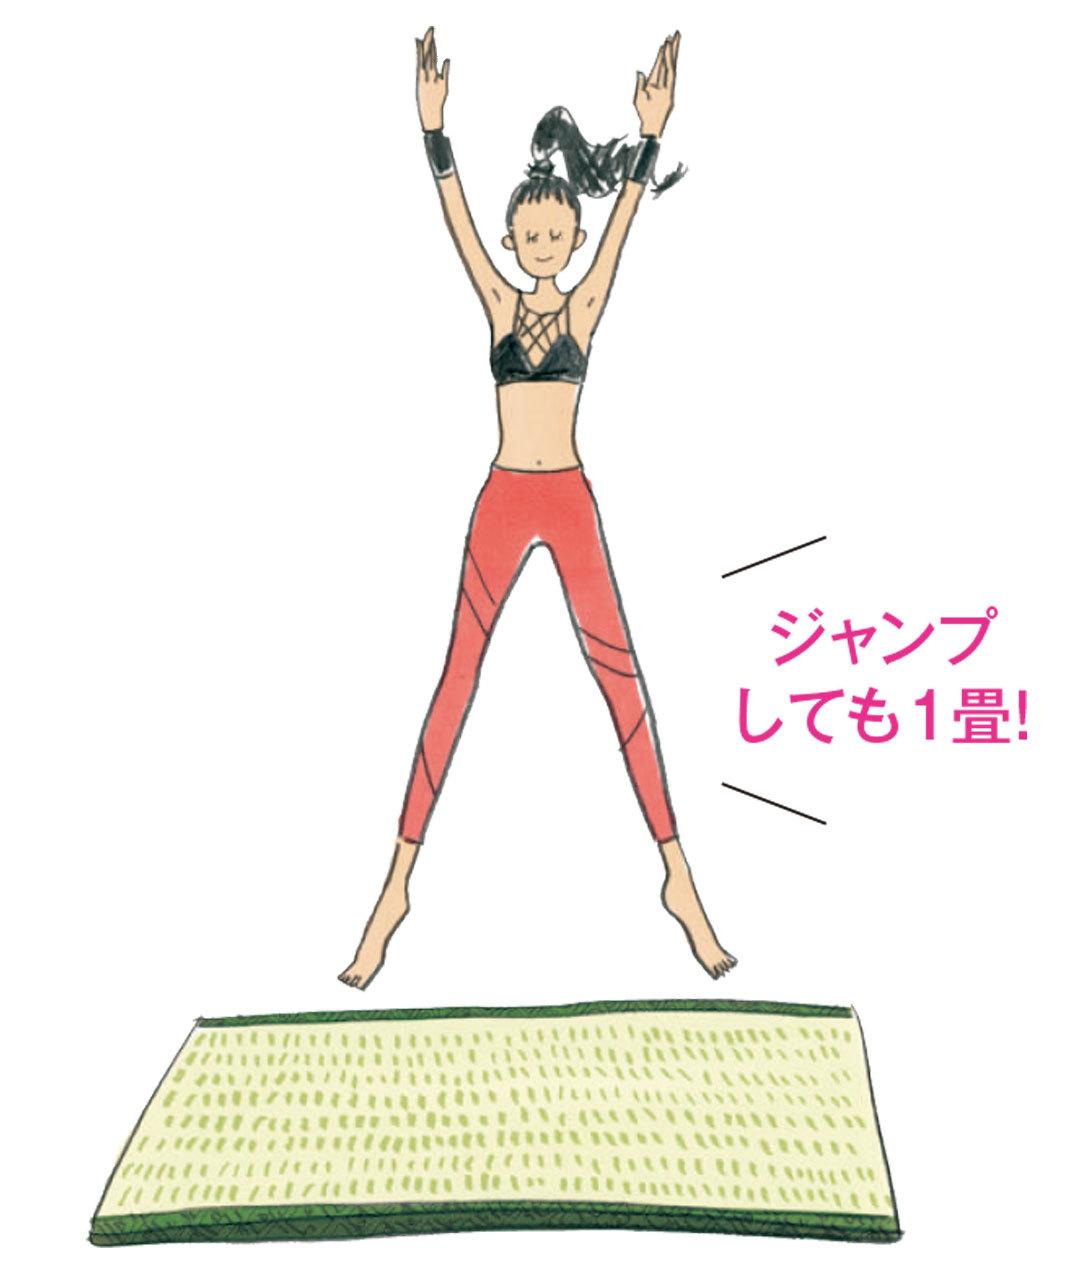 太もも痩せしたい! 1畳スペースでできる簡単筋トレをAYAさんが伝授♡ _1_2-6